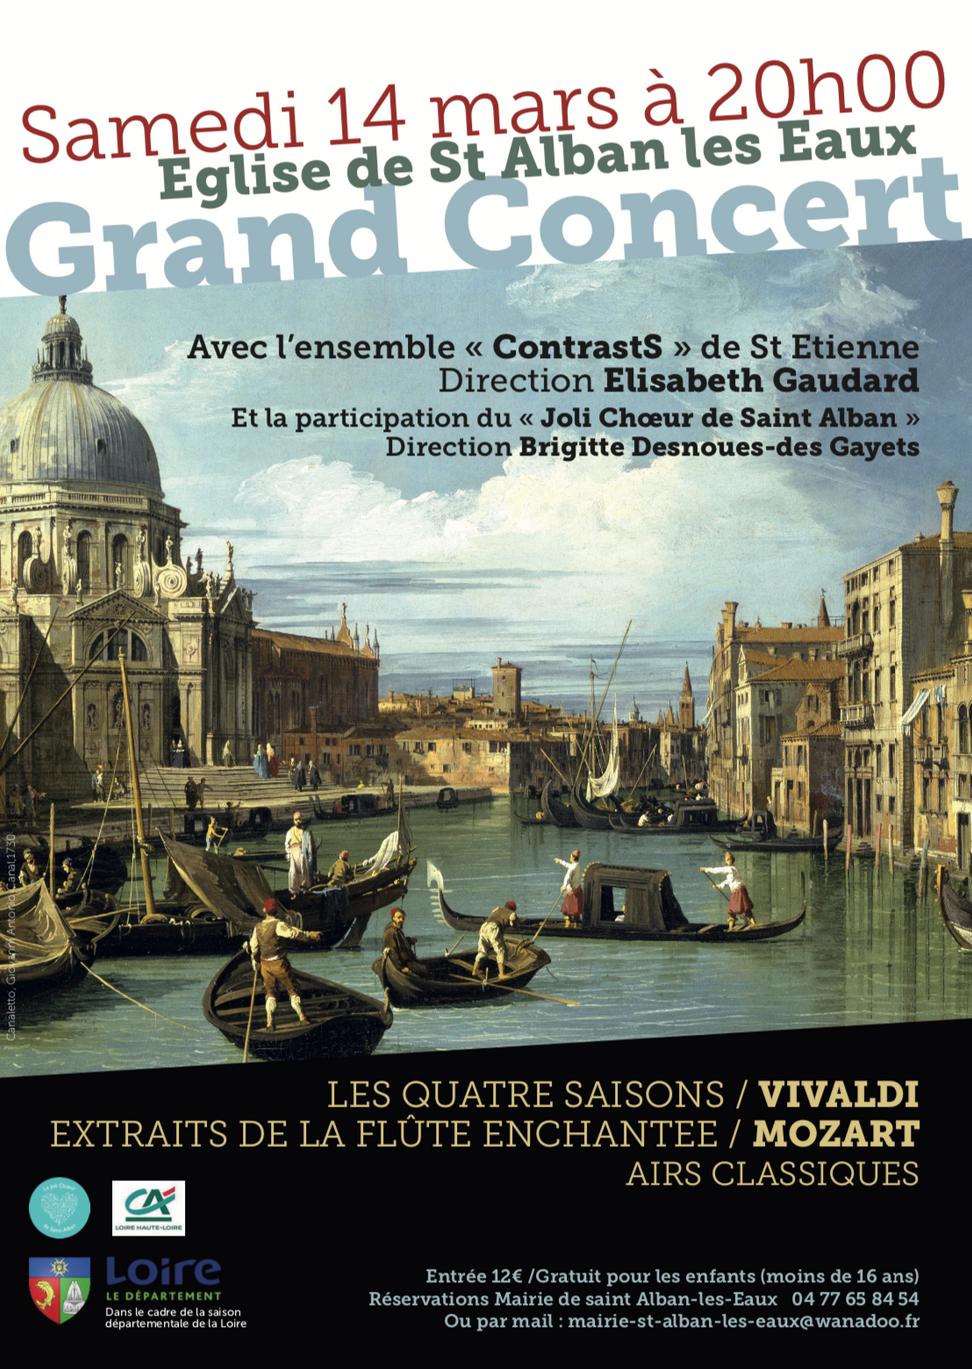 Vivaldi et Mozart s'invitent à Saint Alban les Eaux